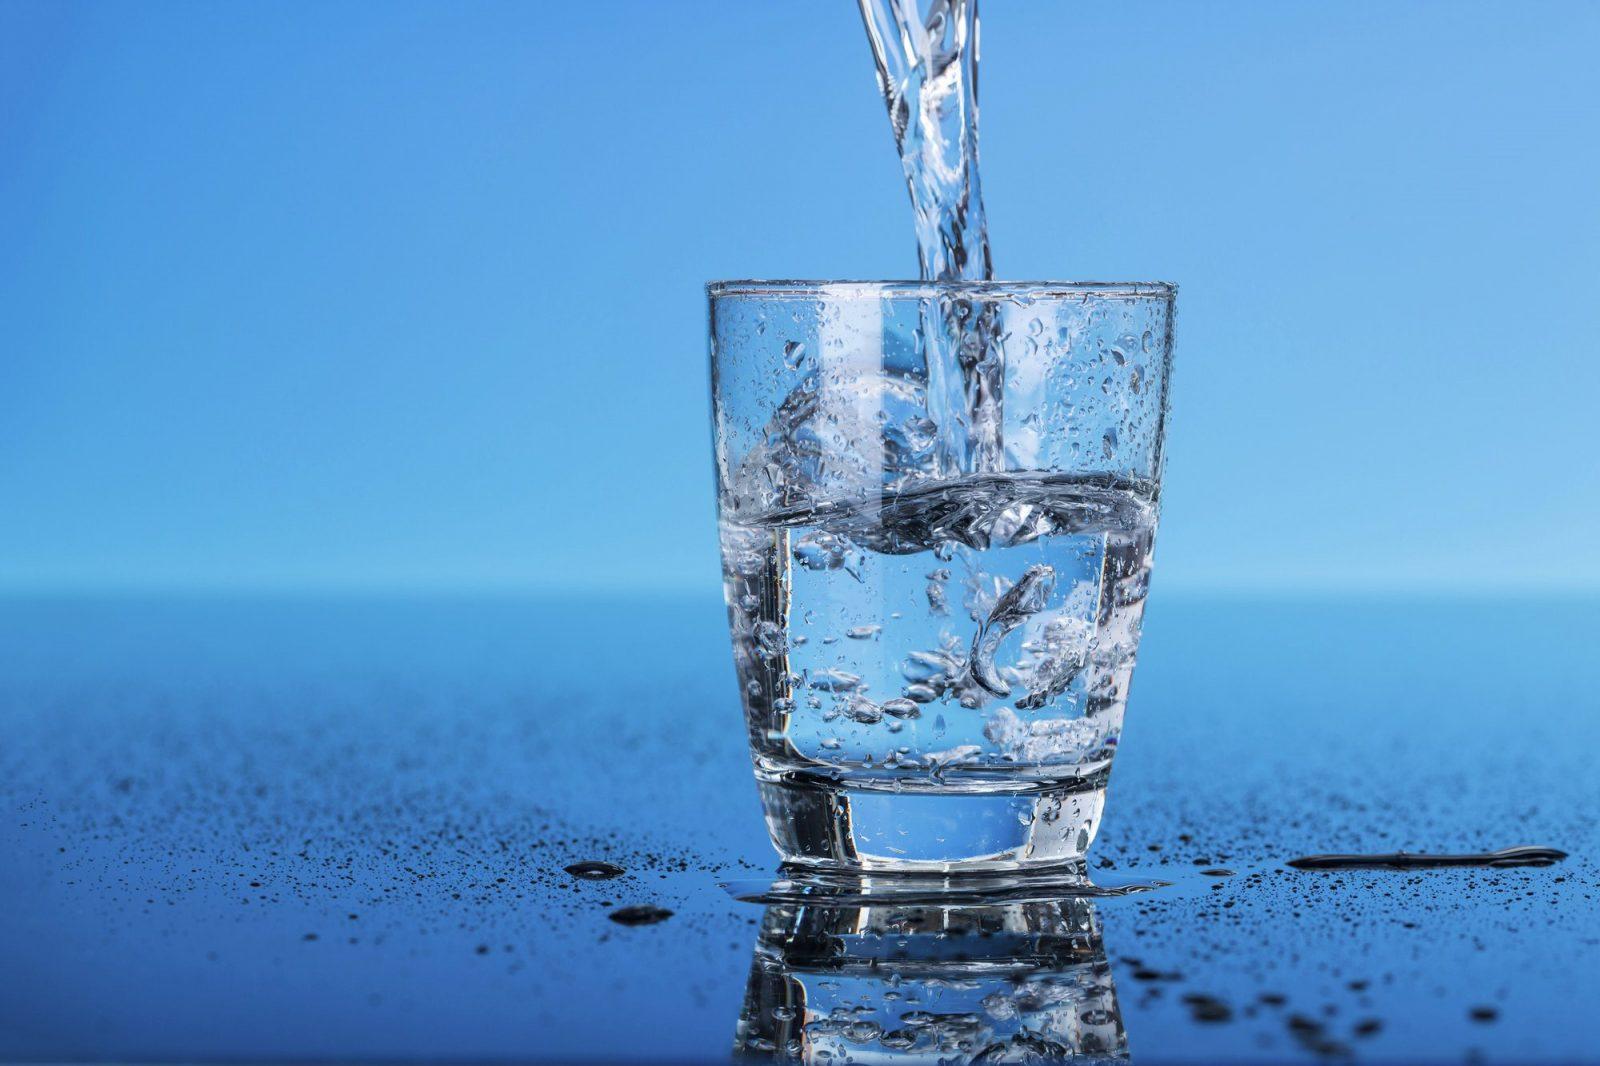 Прозрачный стакан на голубом фоне, в который заливают чистую воду